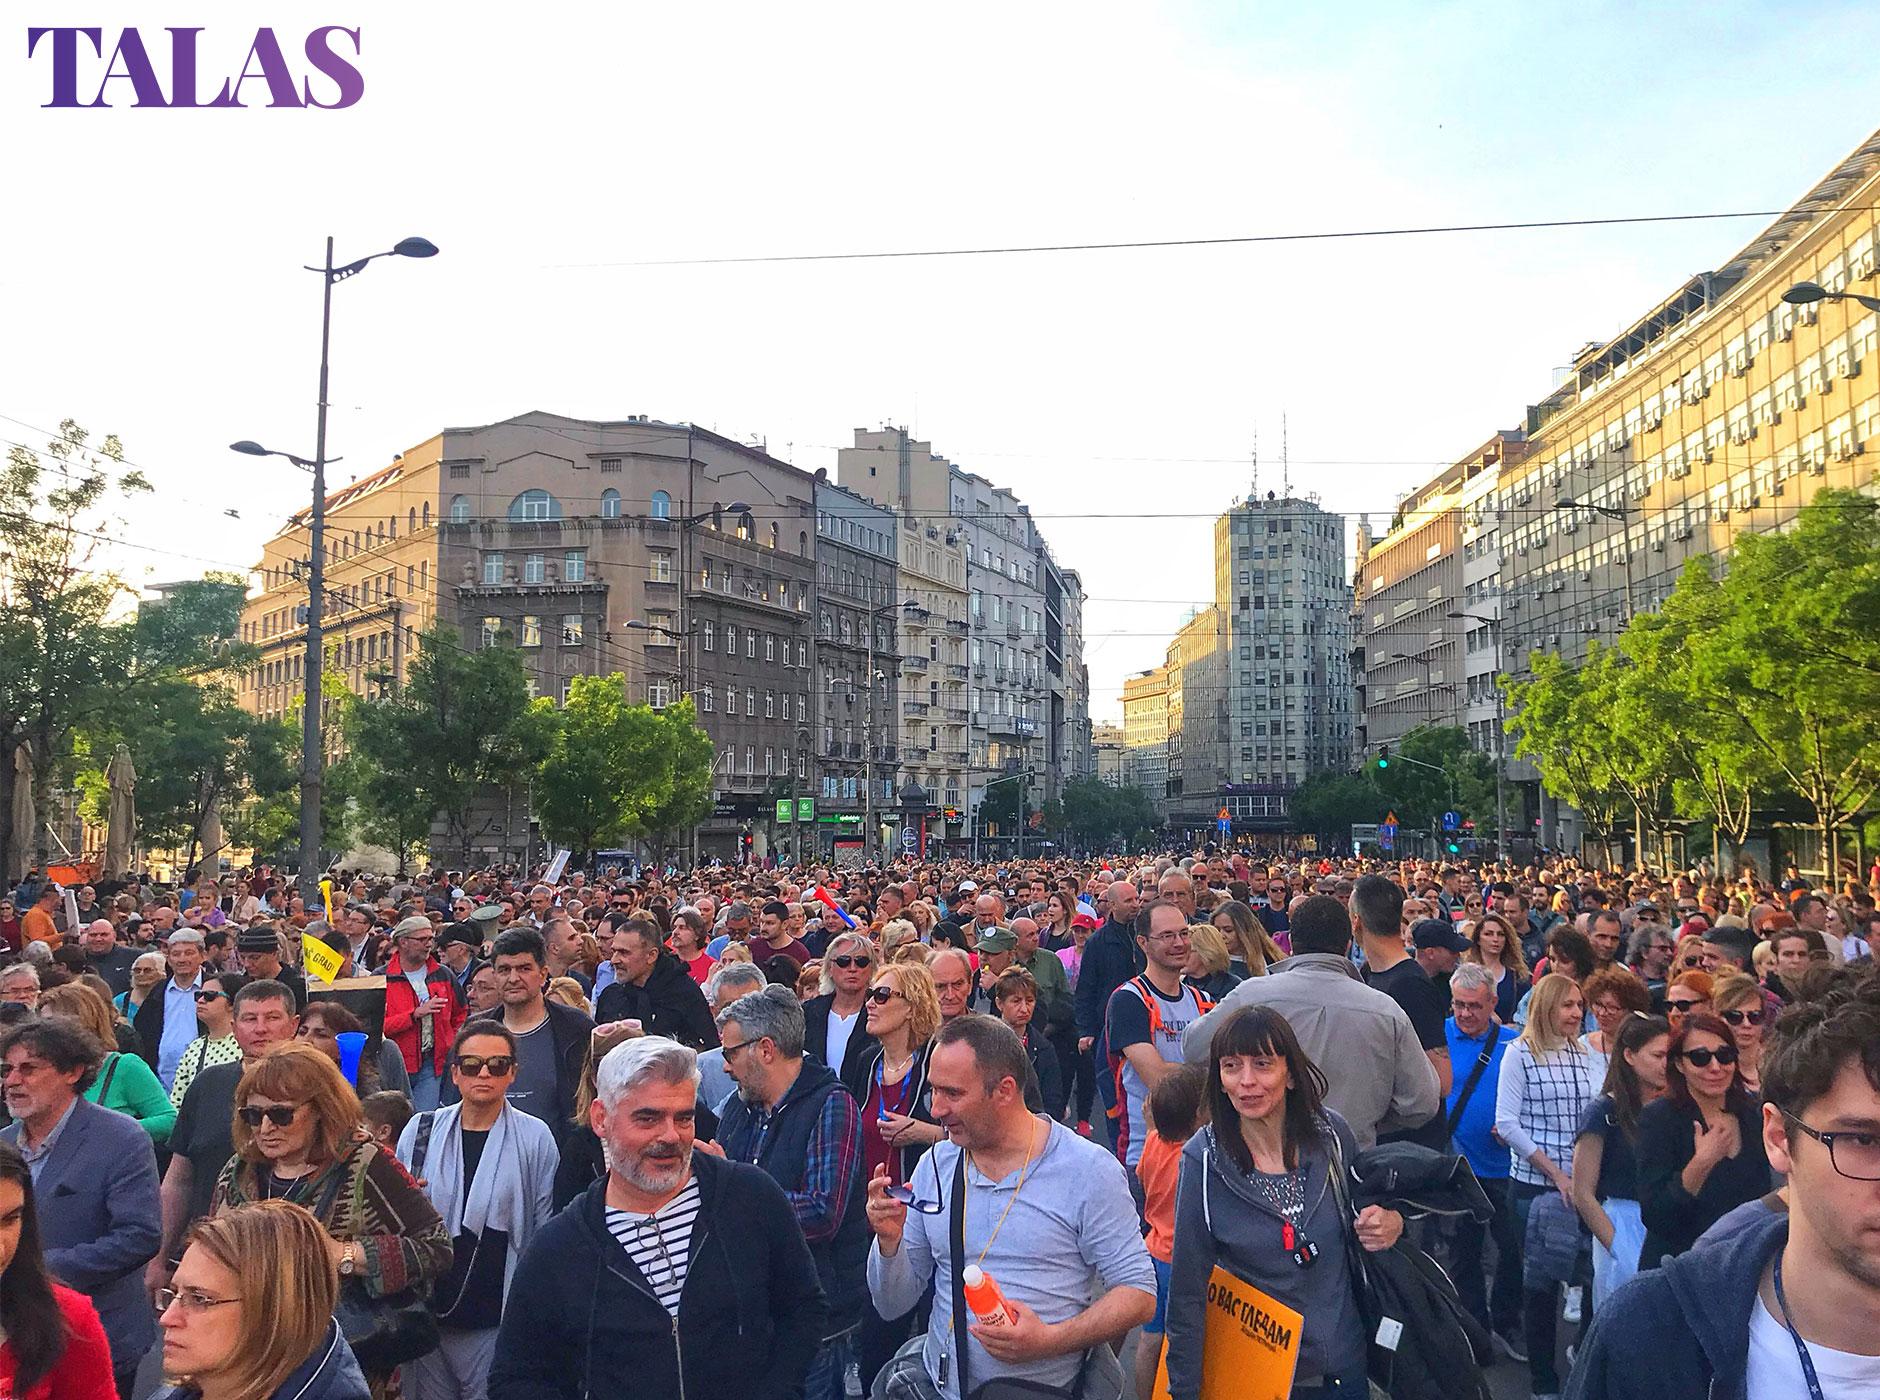 Mit o apstinentima u Srbiji